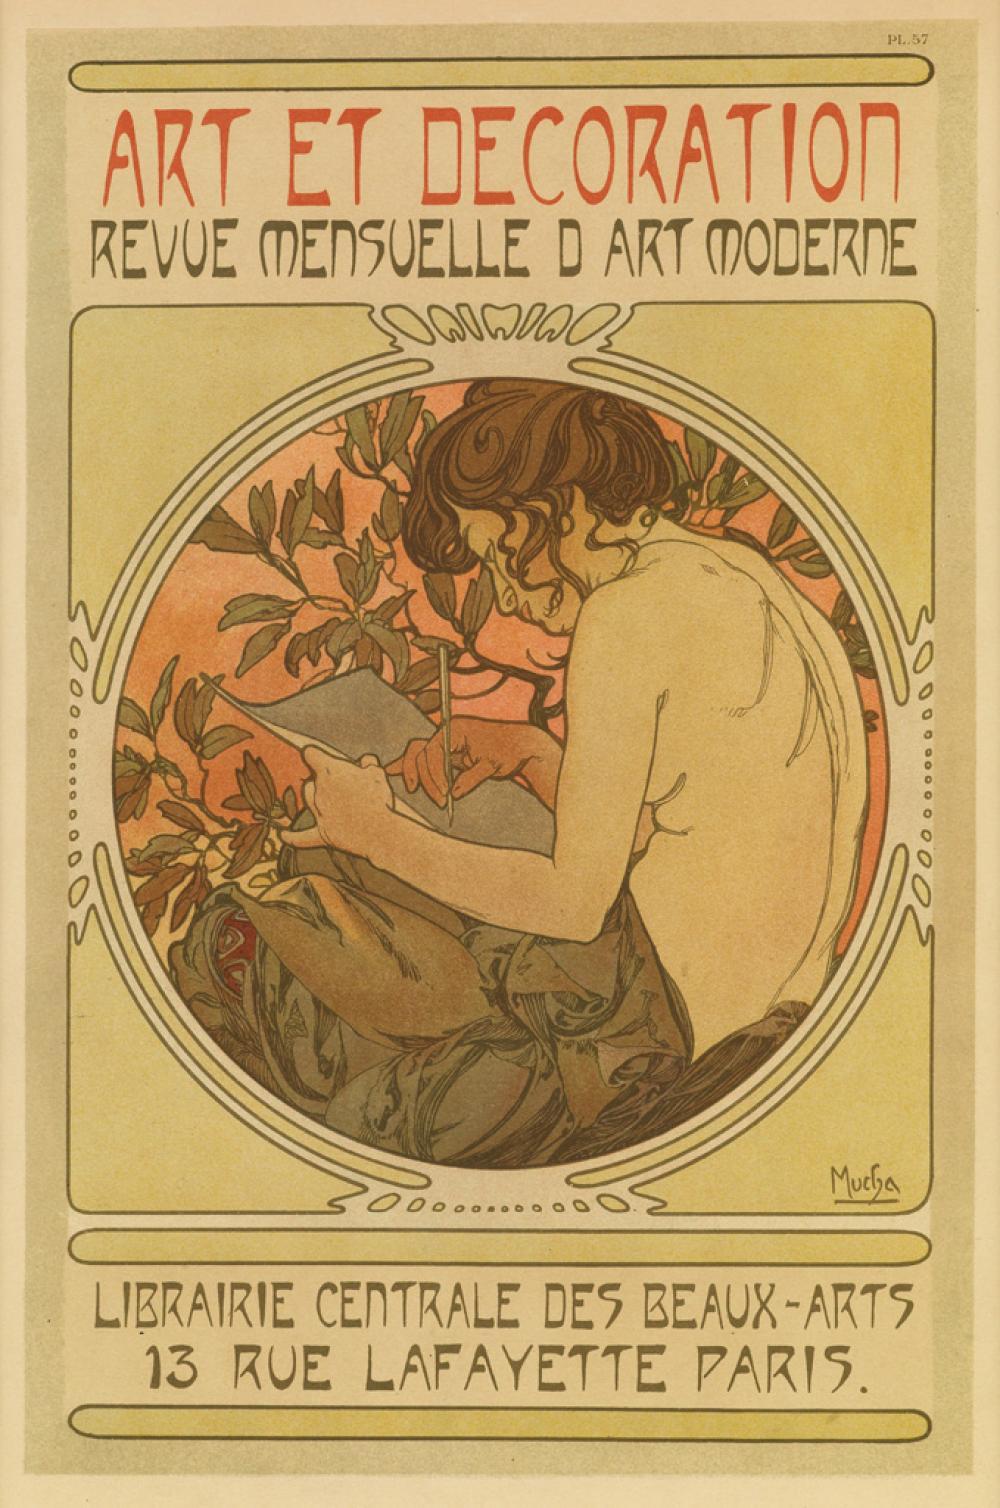 ALPHONSE MUCHA (1860-1939). ART ET DECORATION. Documents Décoratifs pl. 57. 1902. 14x10 inches, 37x25 cm. [Emile Levy, Paris.]